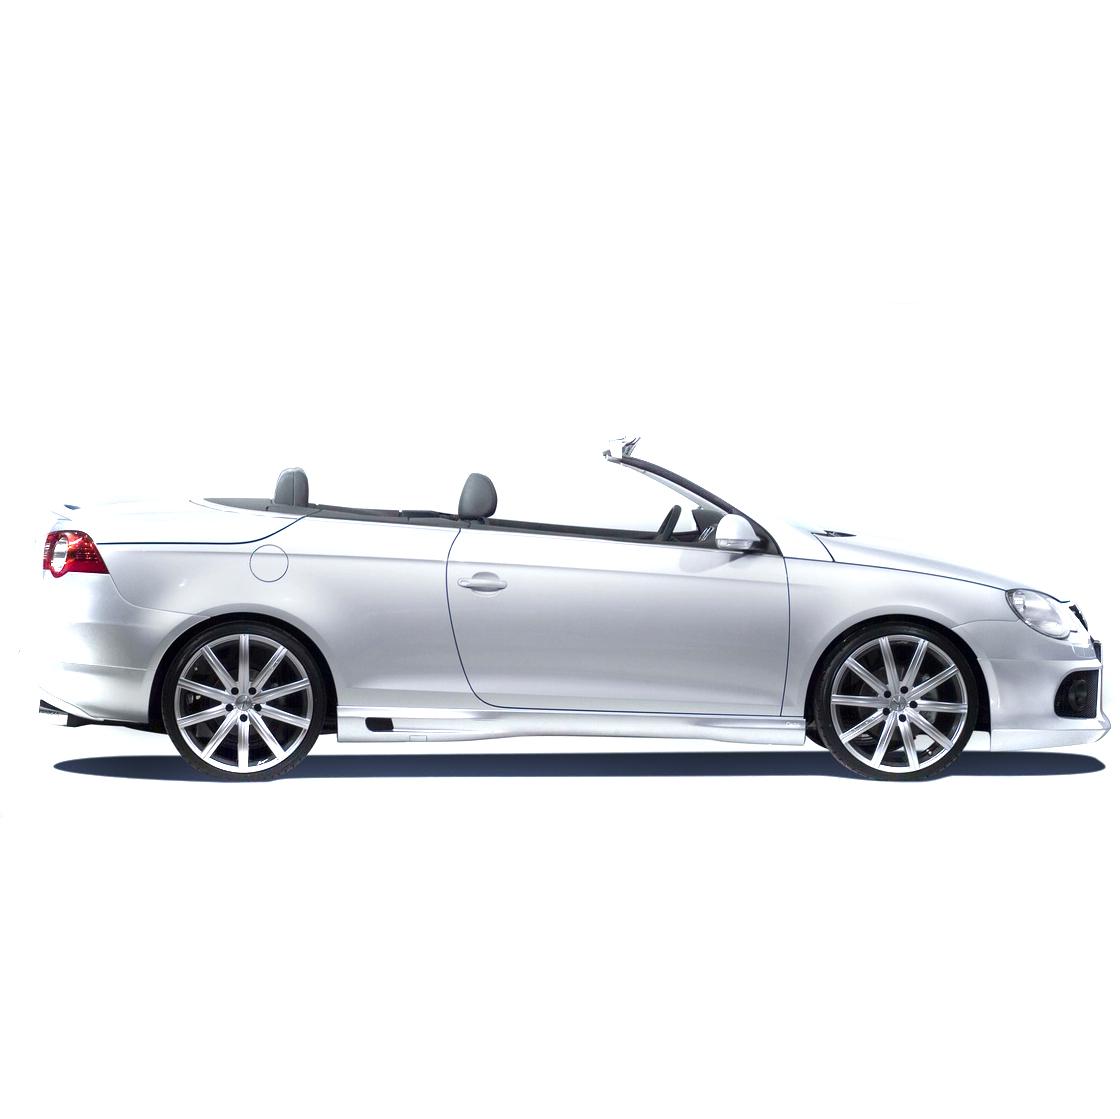 VW EOS Car Mats 2006 - 2015